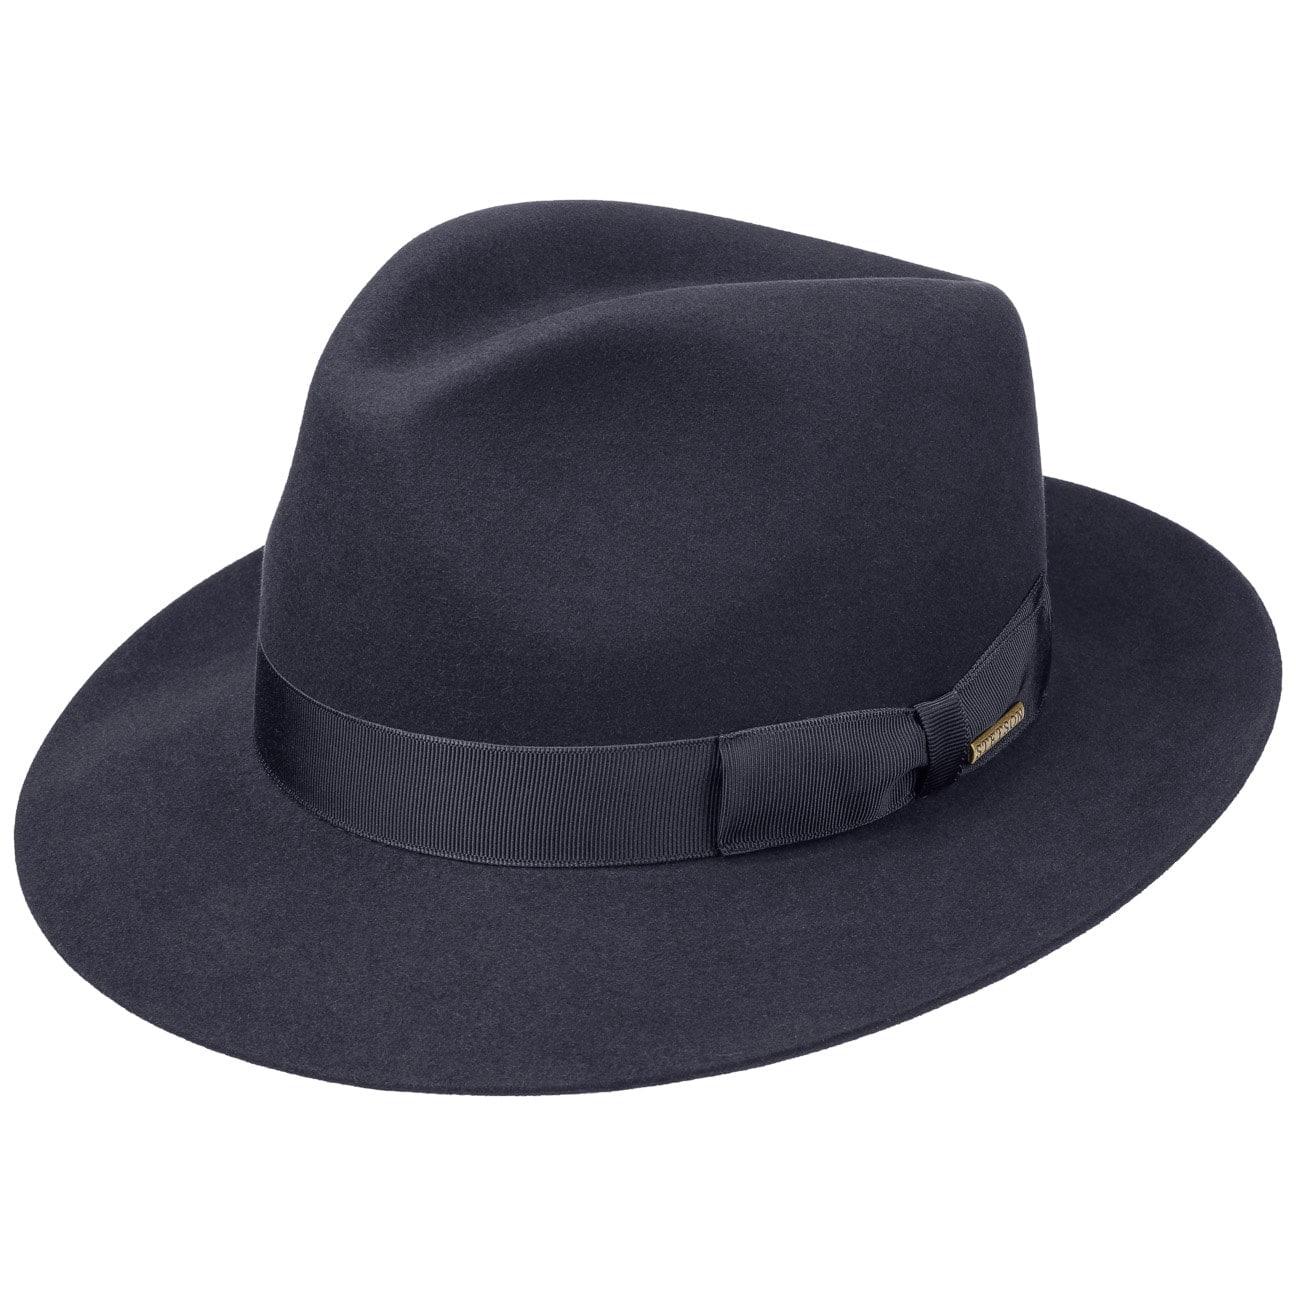 chapeau-penn-bogart-by-stetson-chapeau-bogart, 129.00 EUR @ chapeaushop-fr